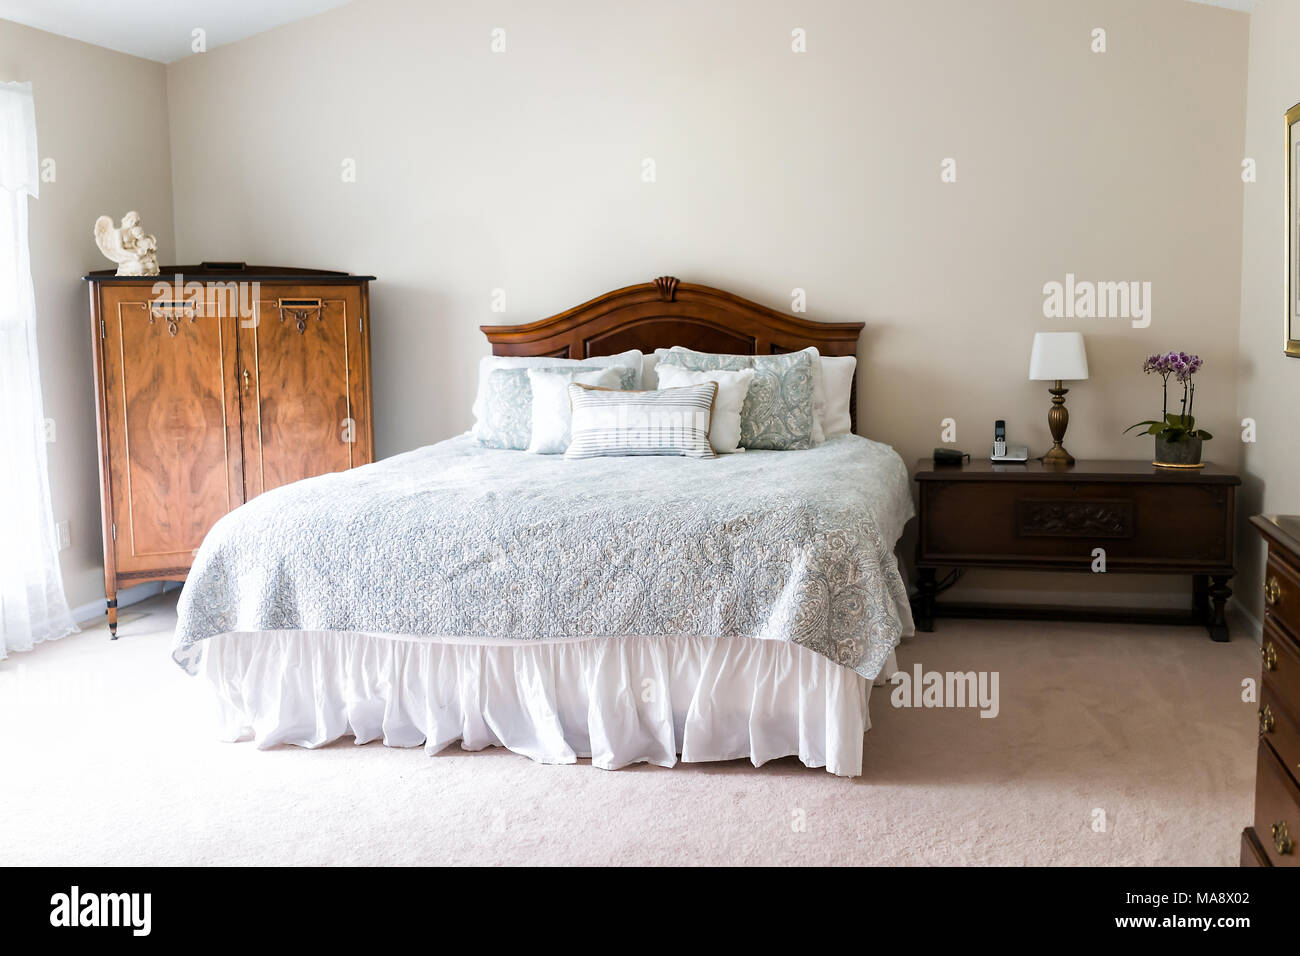 Vista dettagliata del nuovo letto con testiera, cuscini decorativi ...